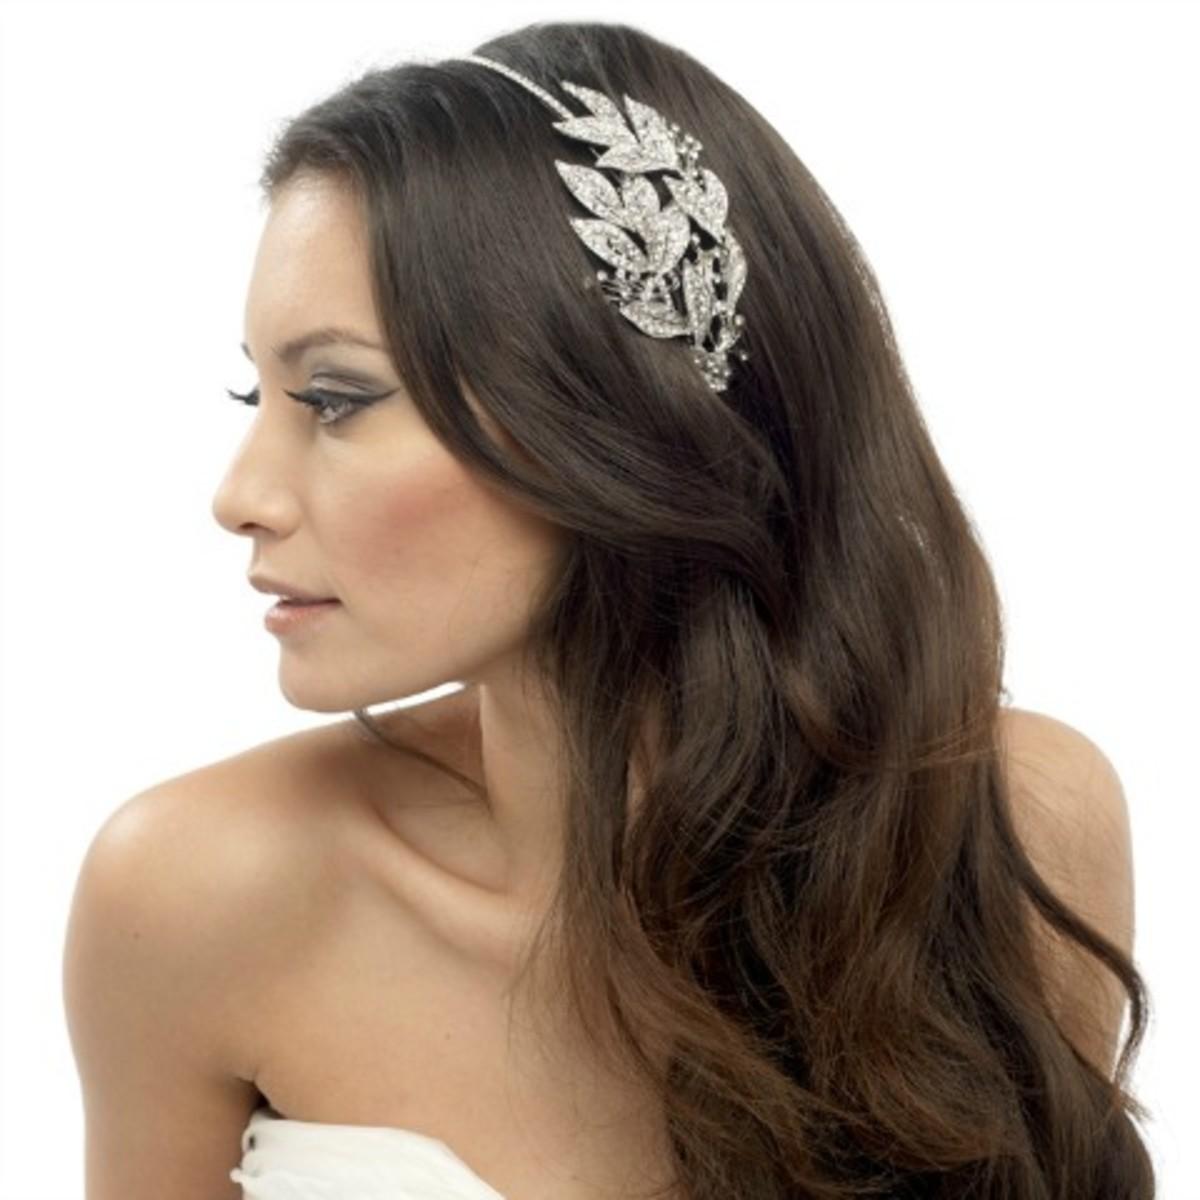 Dressy headband